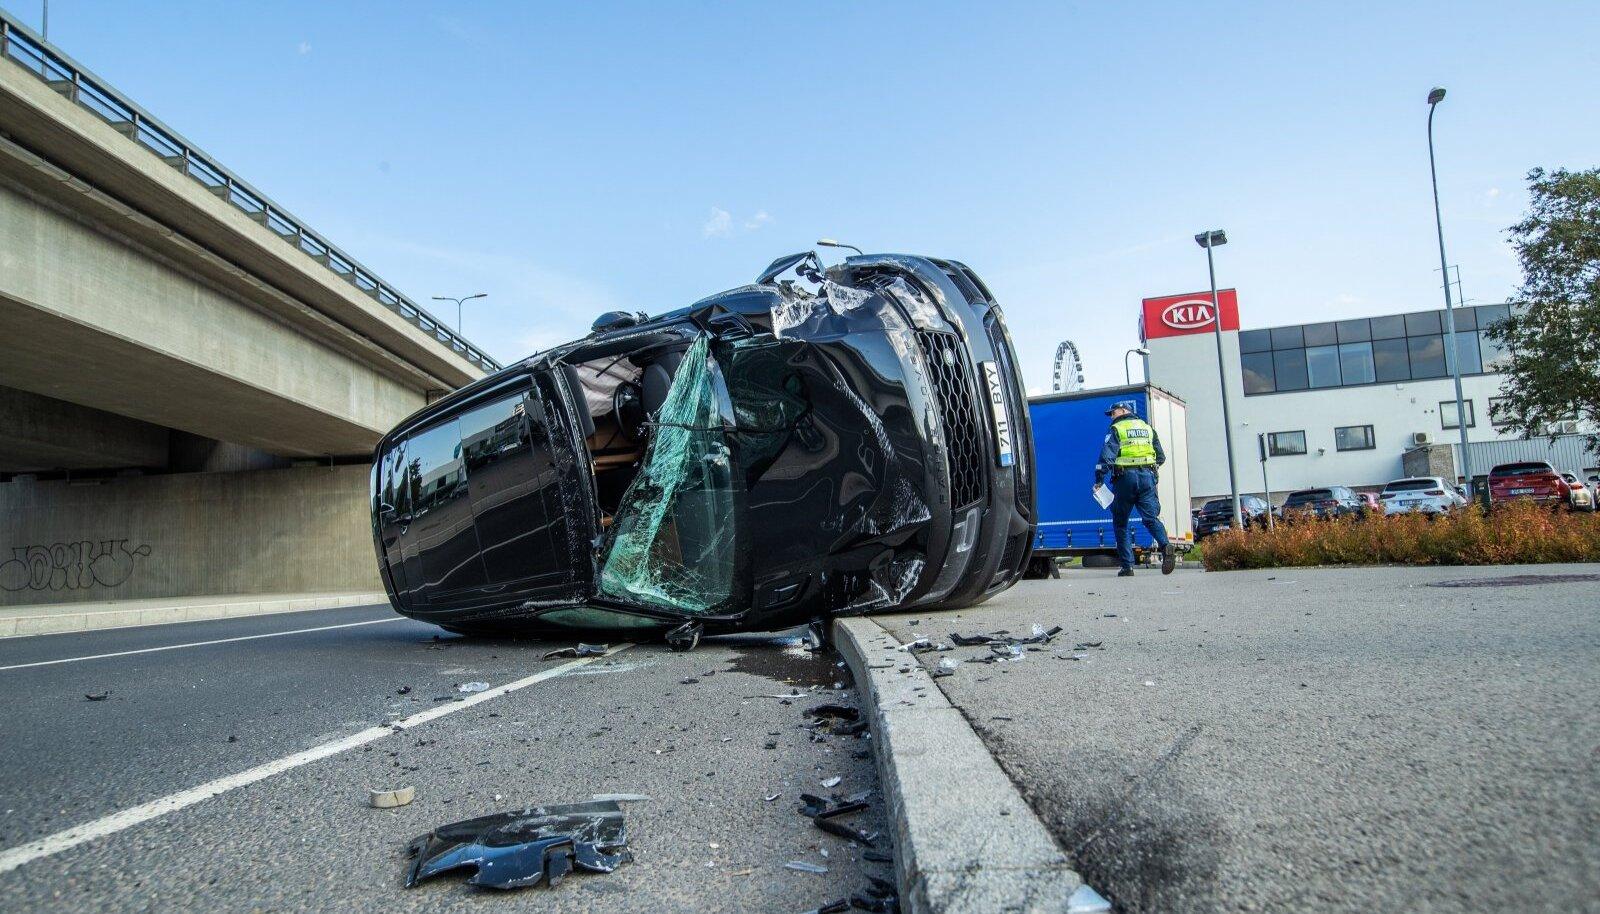 PUHAS ÕNN: Selles eelmisel suvel Tallinnas juhtunud liiklusõnnetuses pääsesid kõik liiklejad terve nahaga.